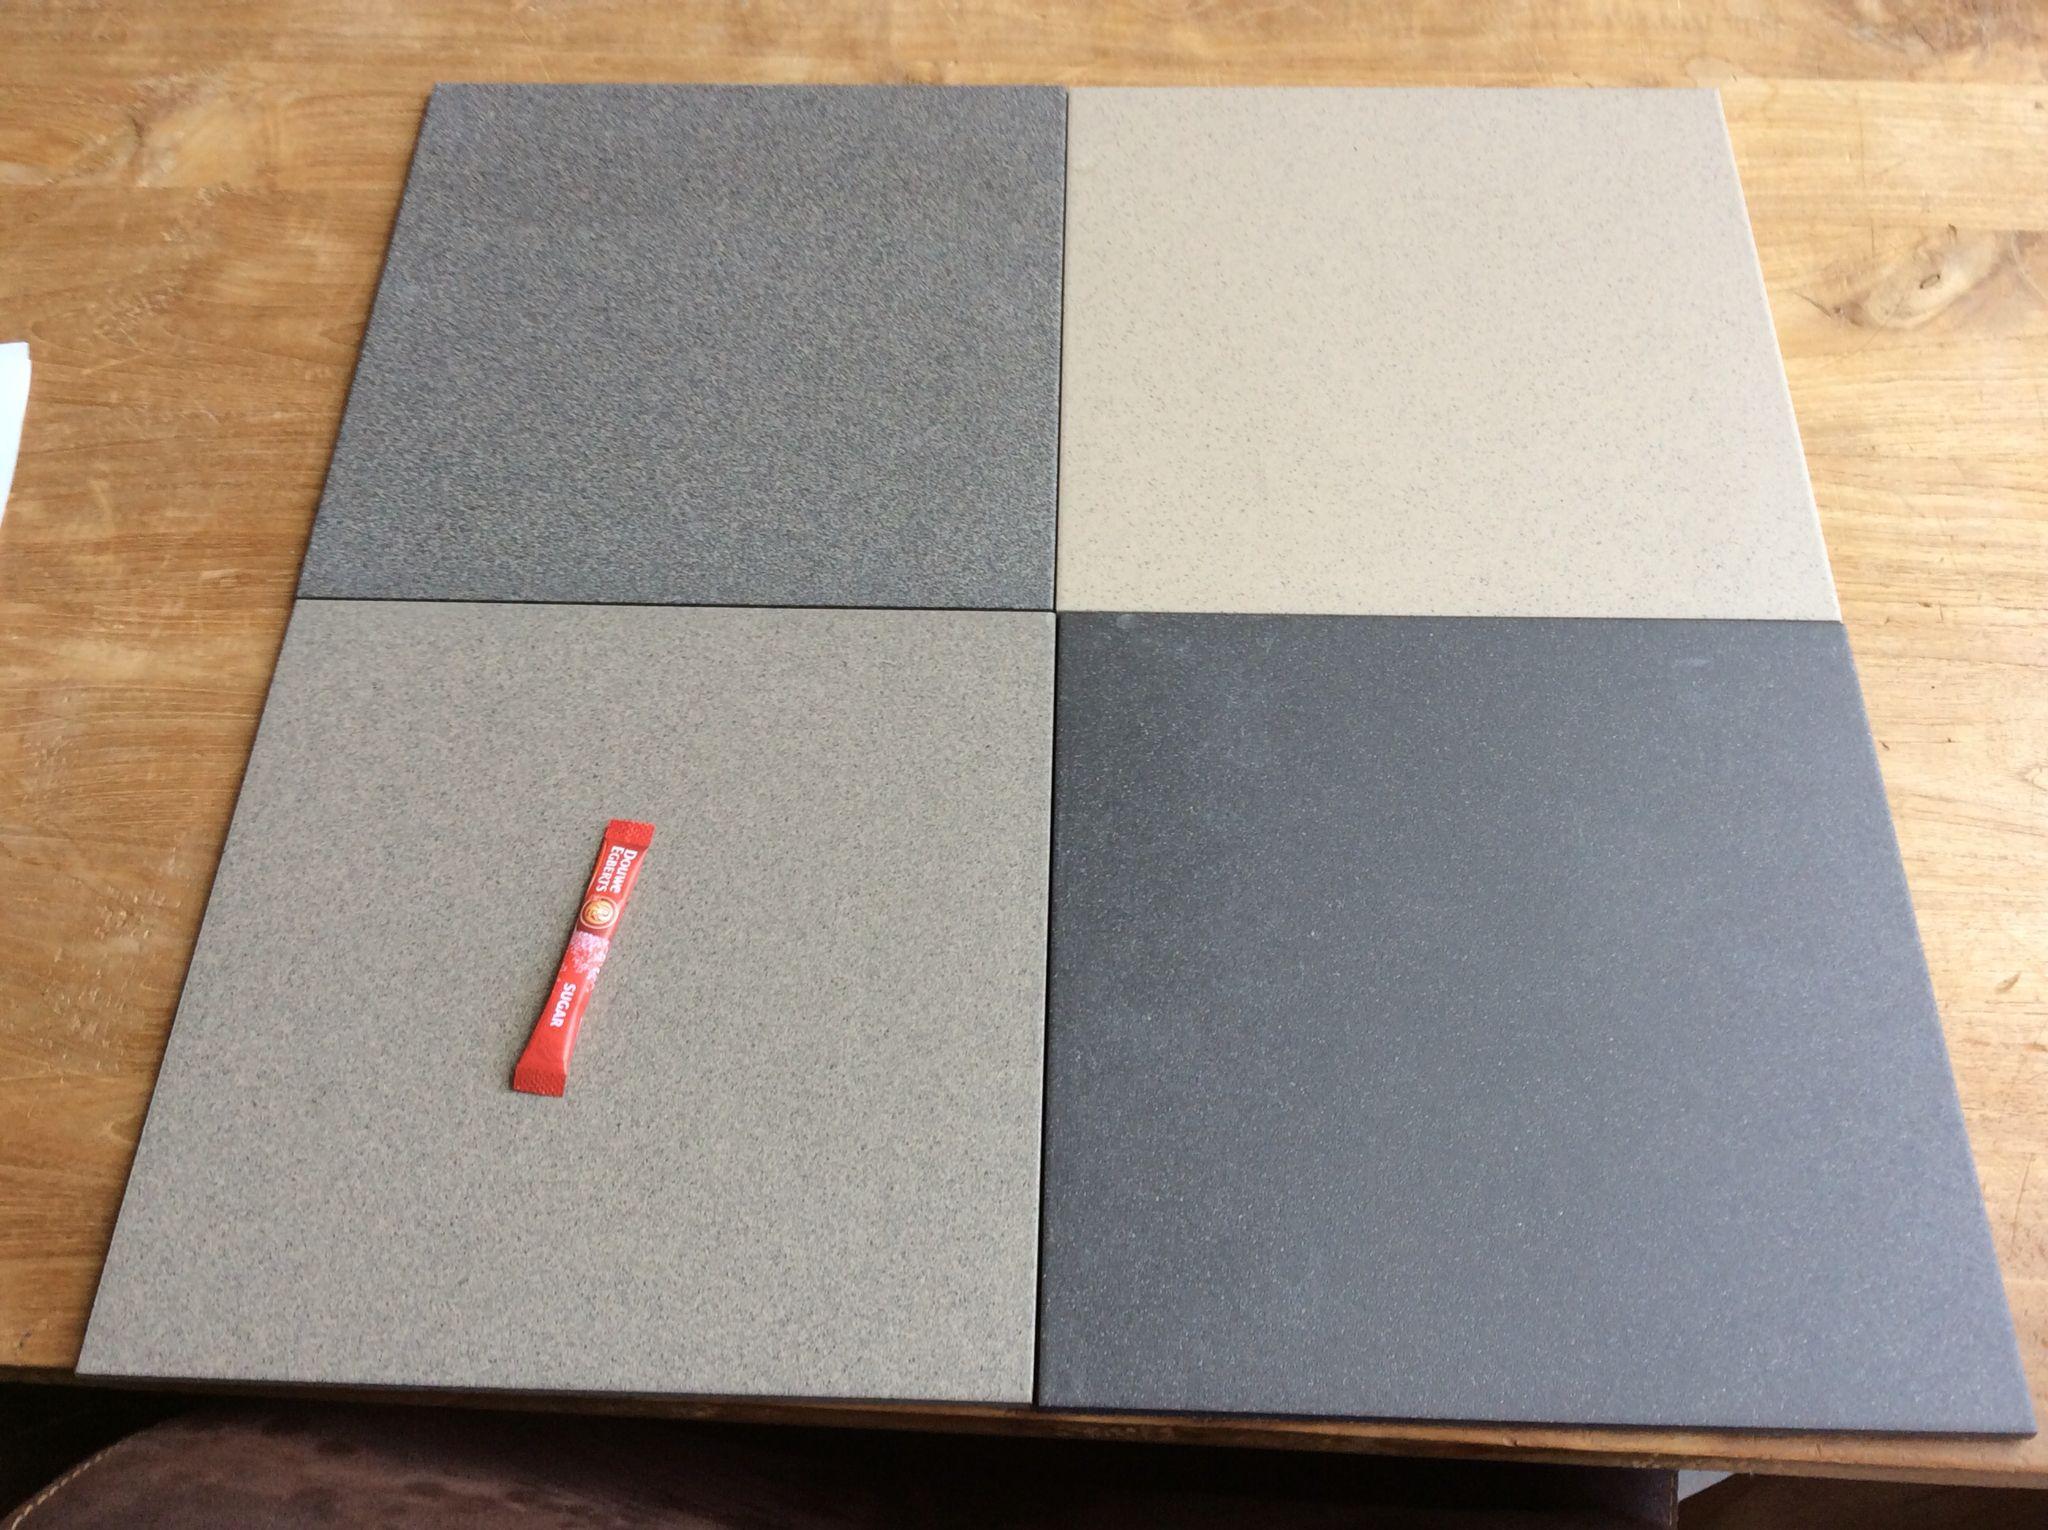 Rak Tegels 60x60 : Rak salt en pepper cm garagetegels rak tegels